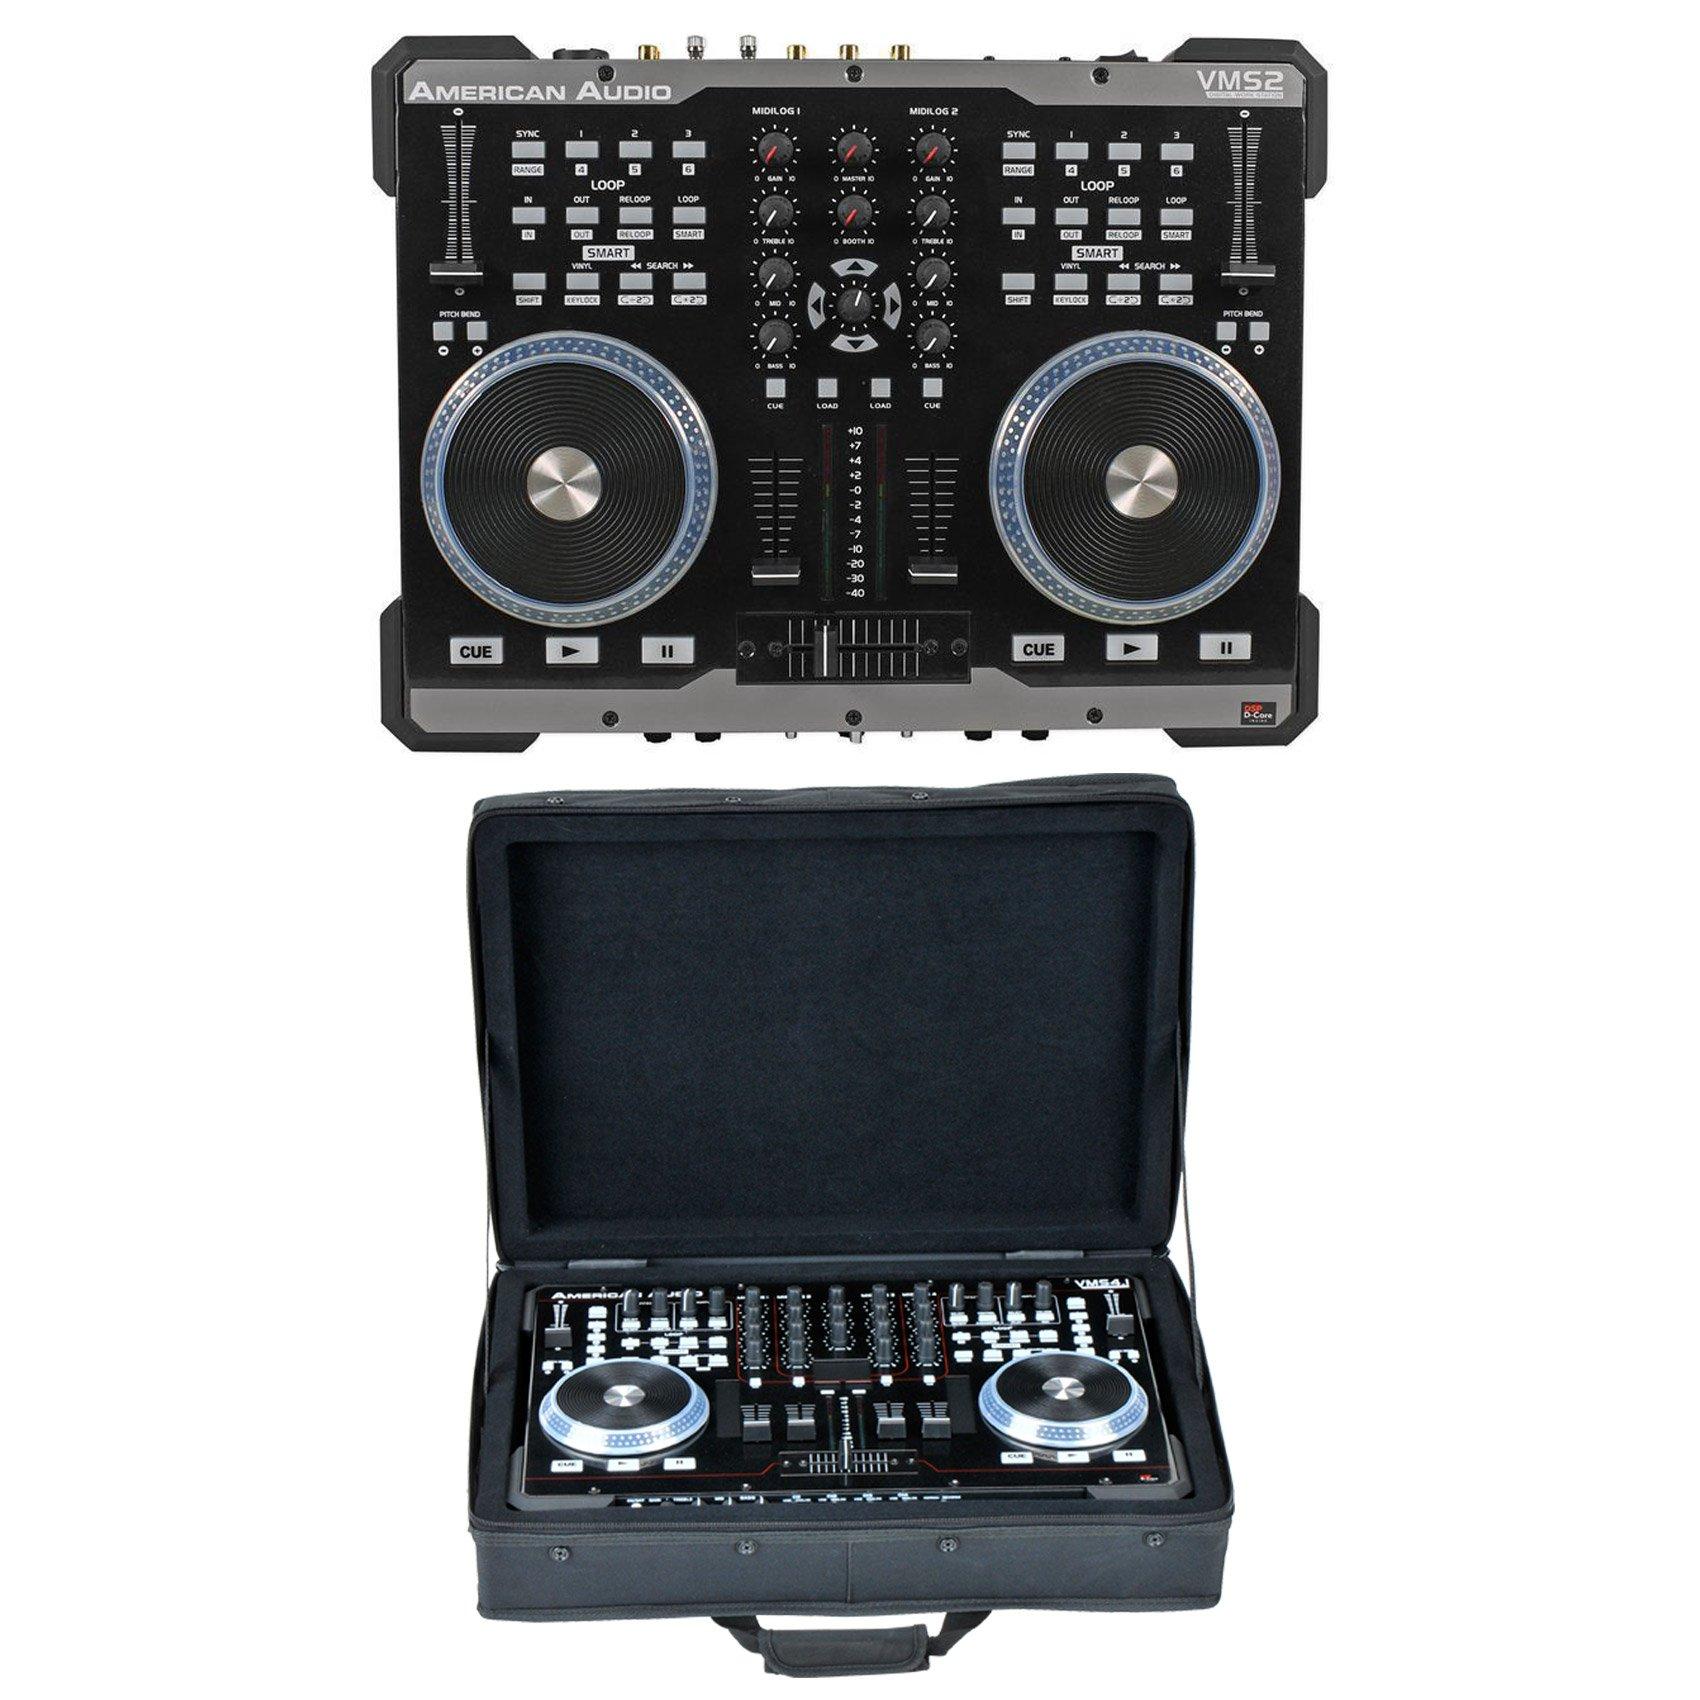 Package: American Audio VMS2 USB MIDI DJ Controller + SKB 1SKB-SC1913 19'' Soft Heavy Duty Padded Keyboard Controller Canvas Case by American Audio